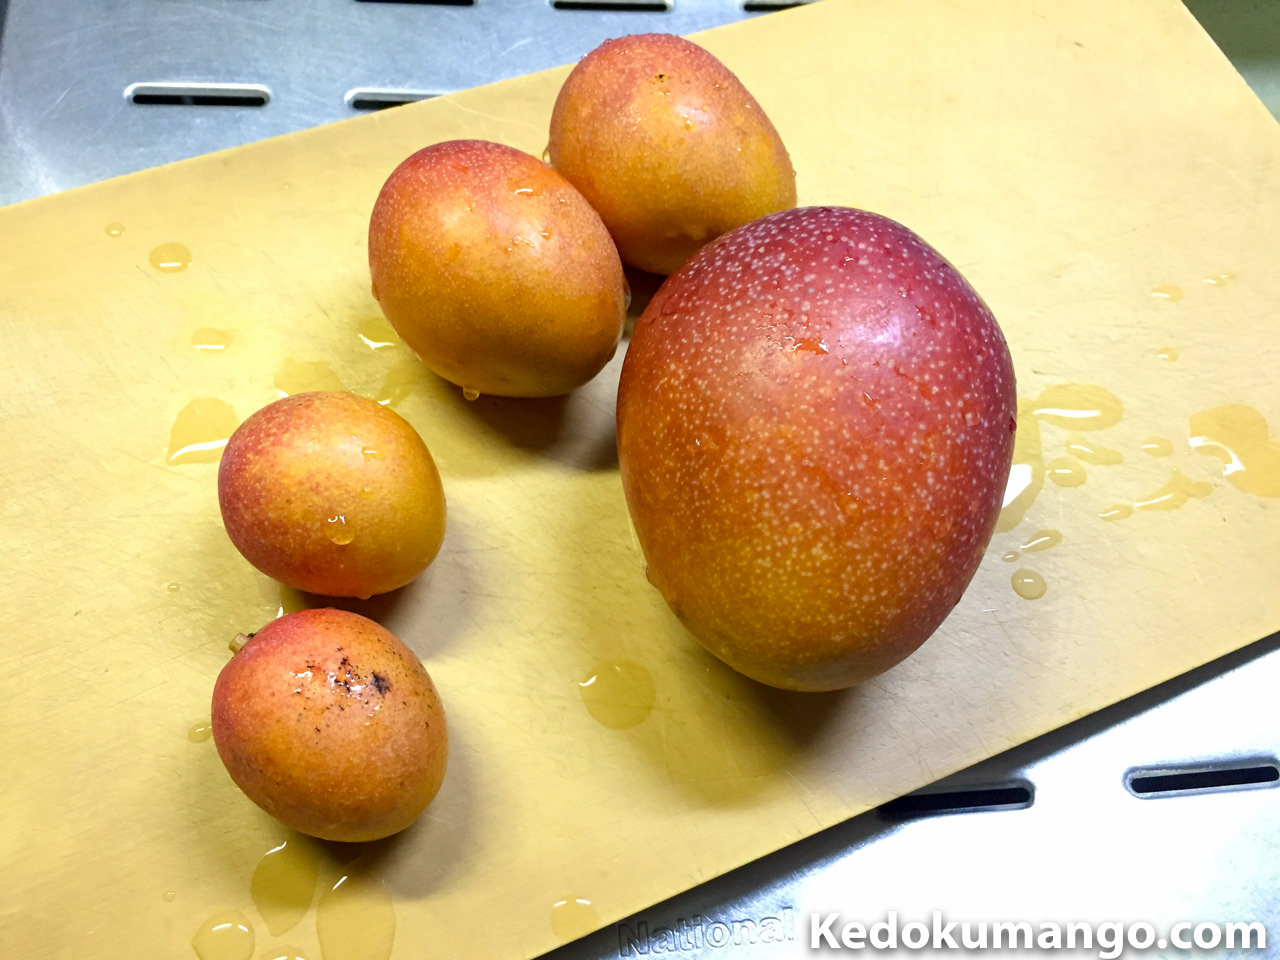 糖度チェックに用いるマンゴー